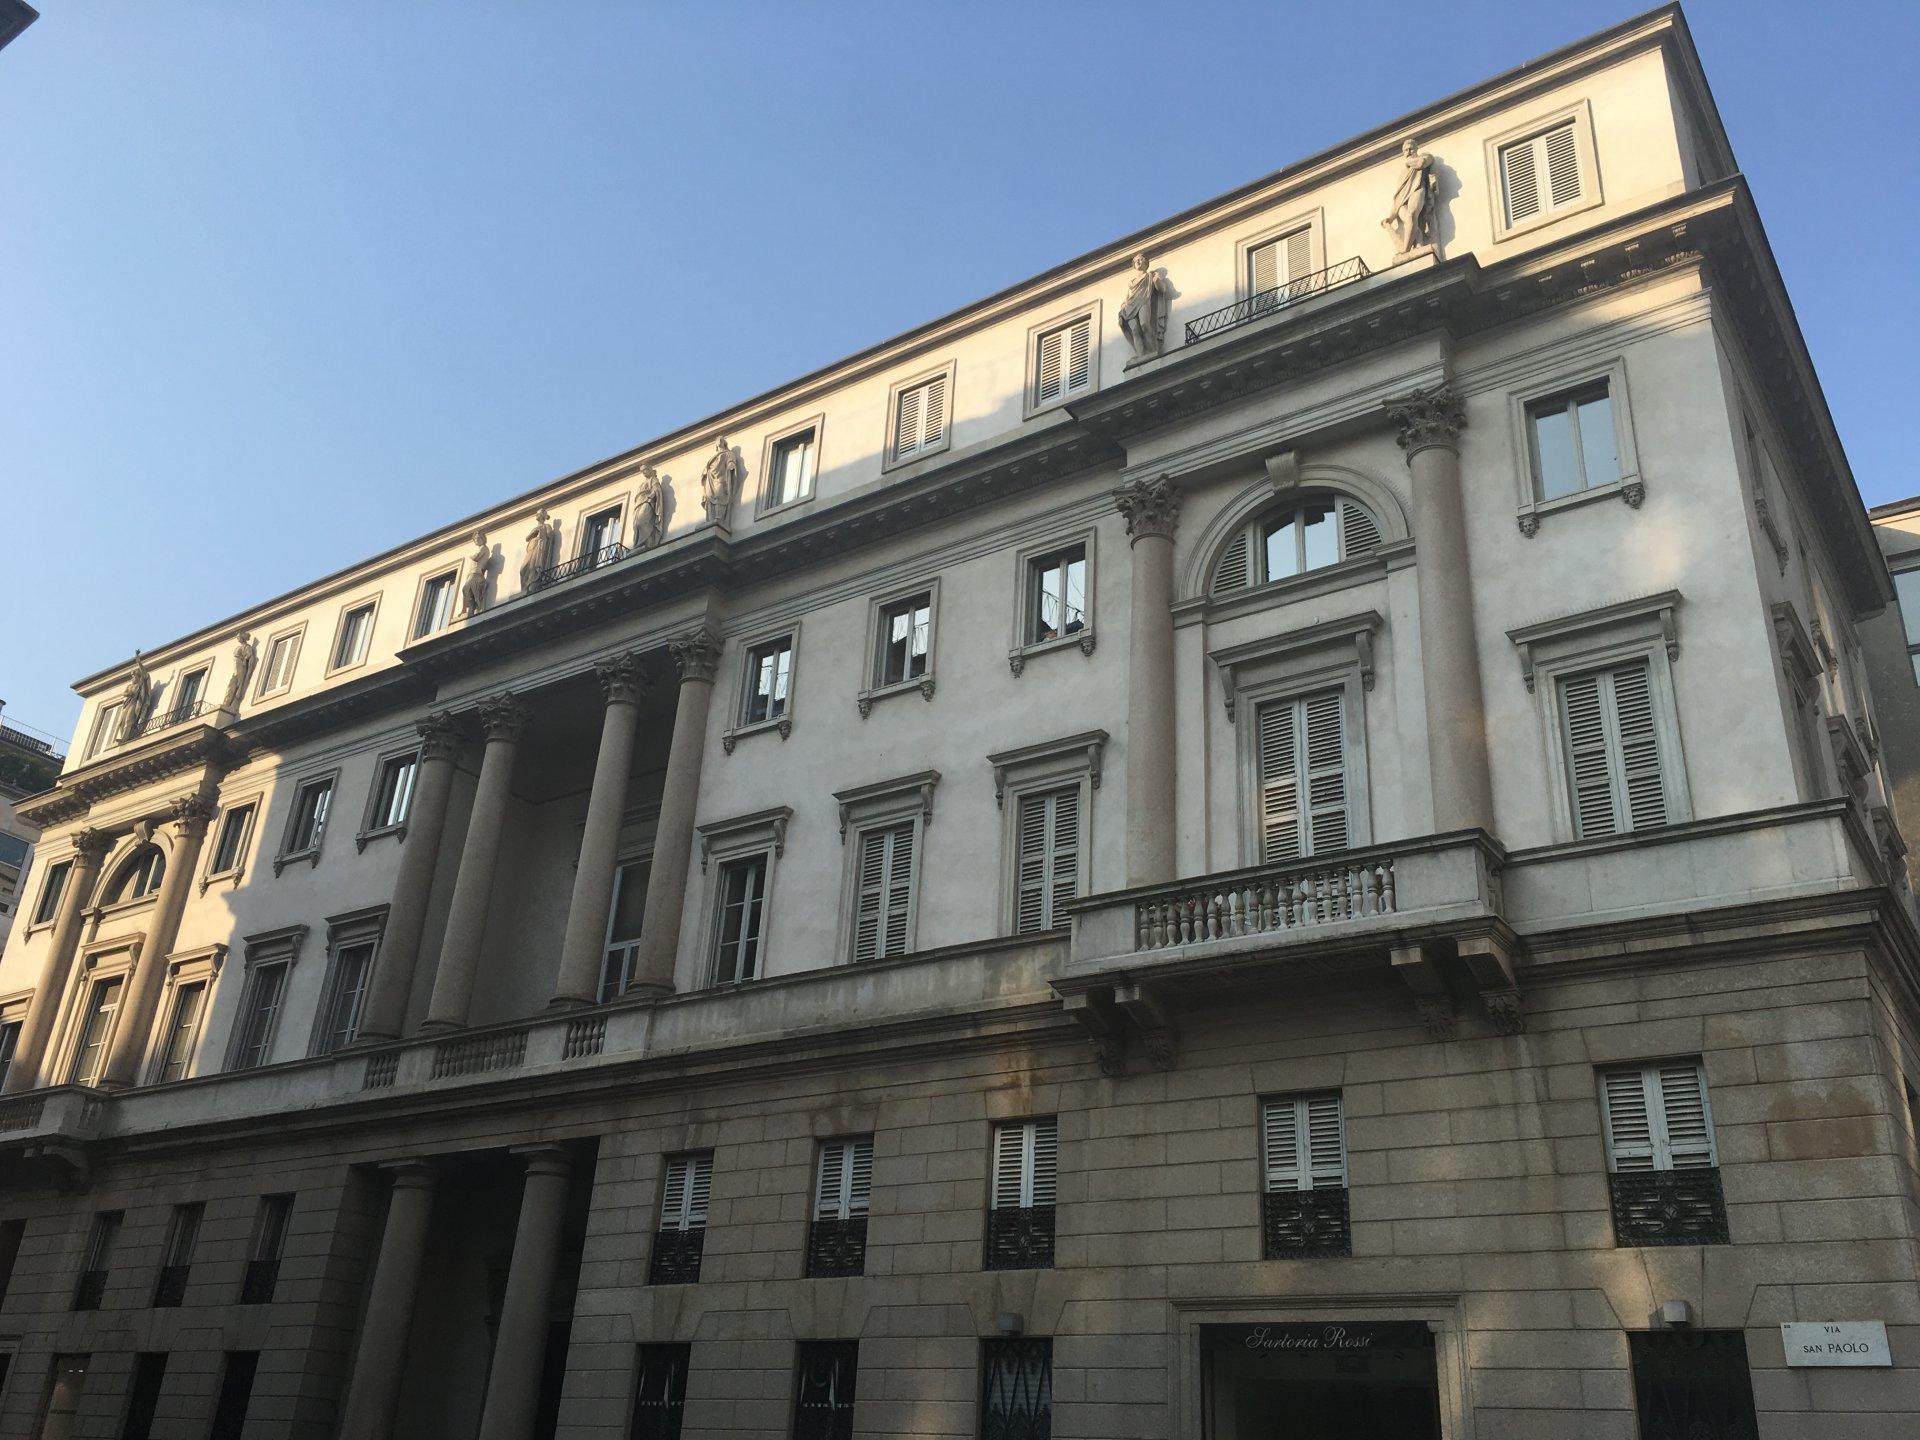 Annuncio affitto ufficio milano 20100 3 camere ref l0841mi for Ufficio affitto eur